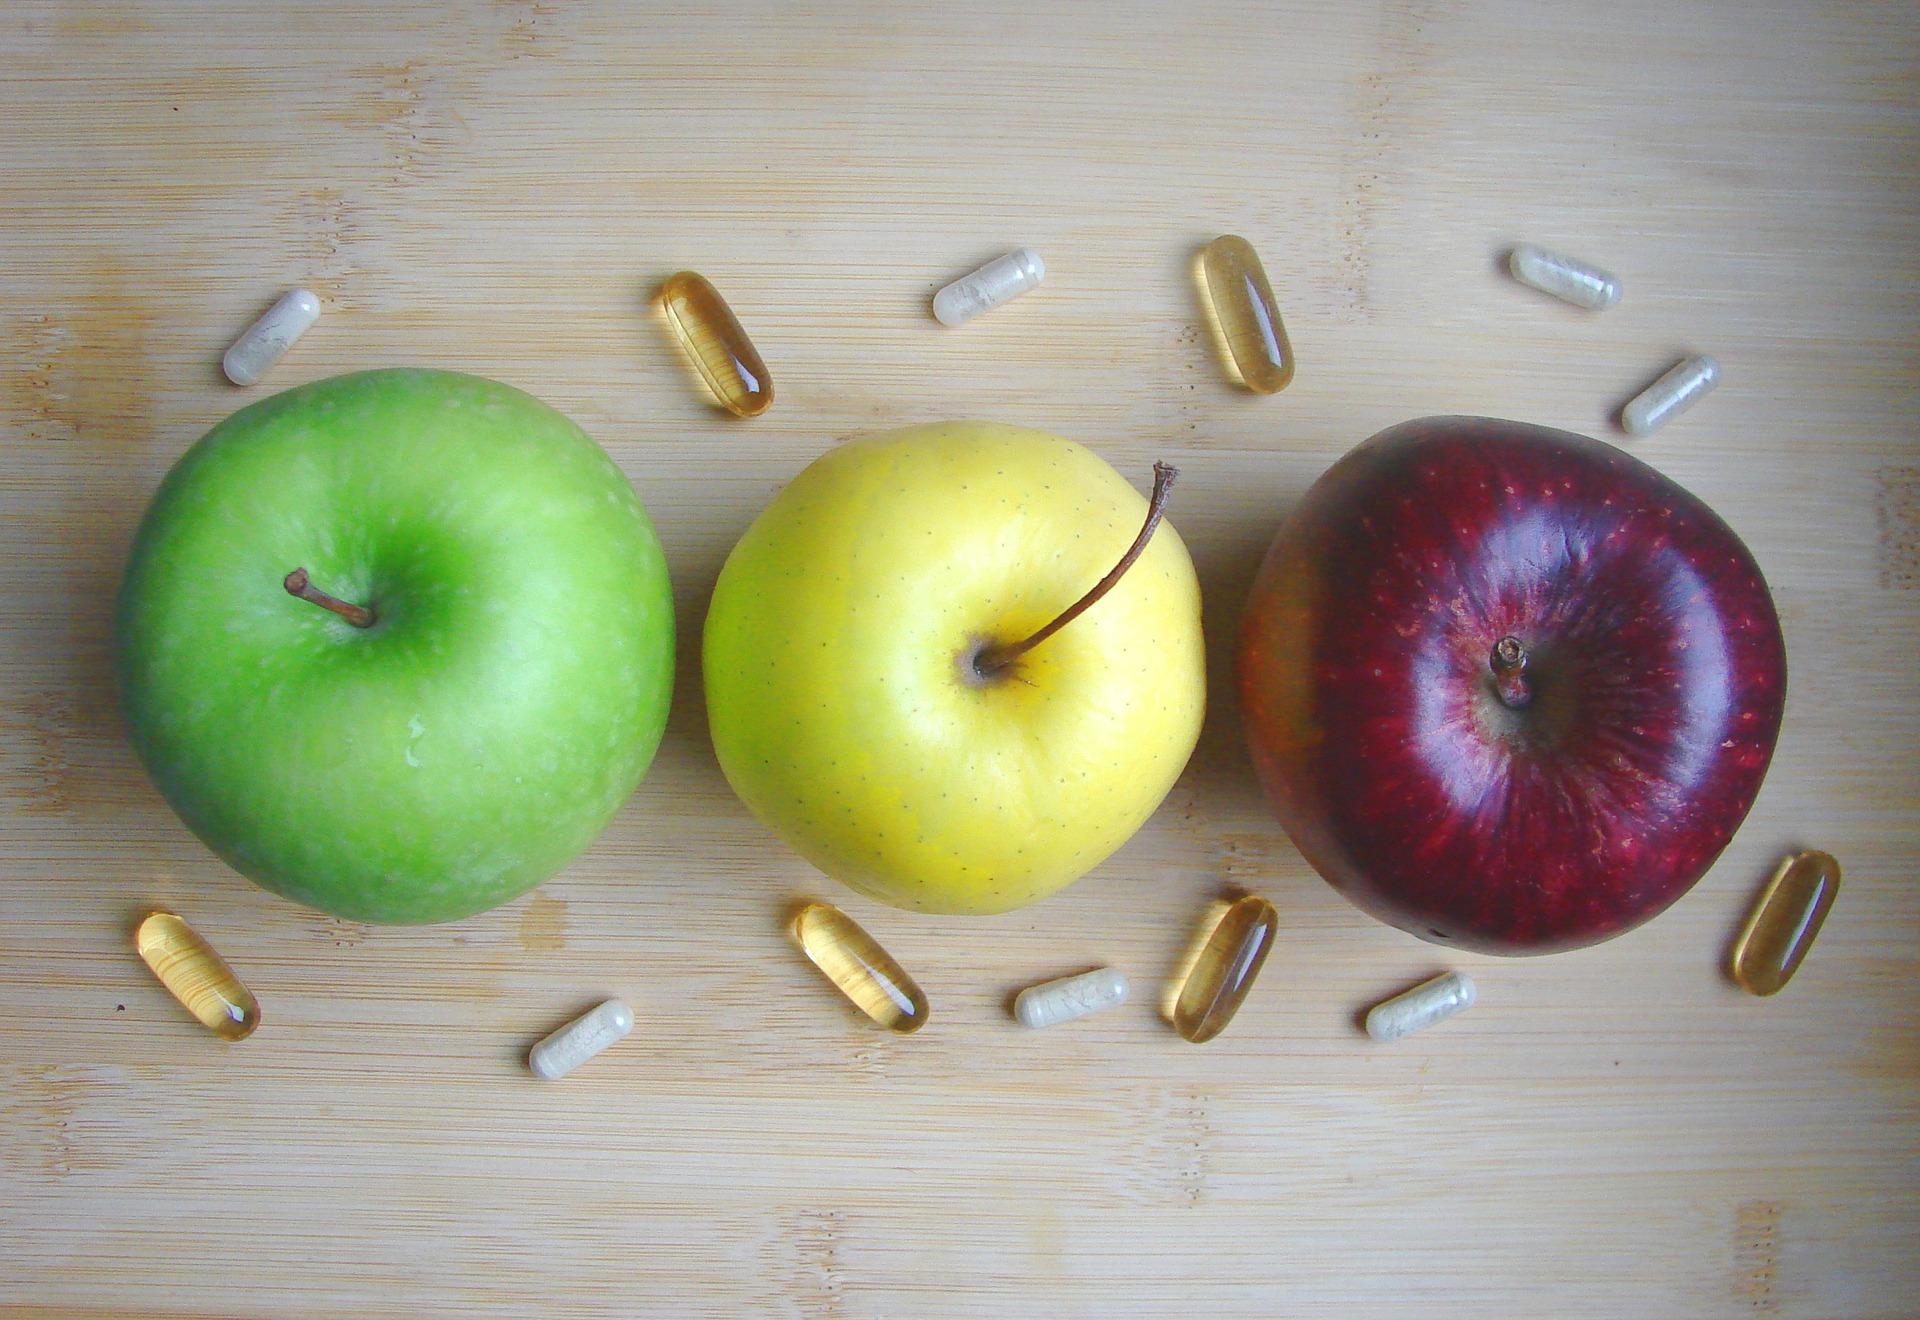 6 תוספי תזונה טבעיים